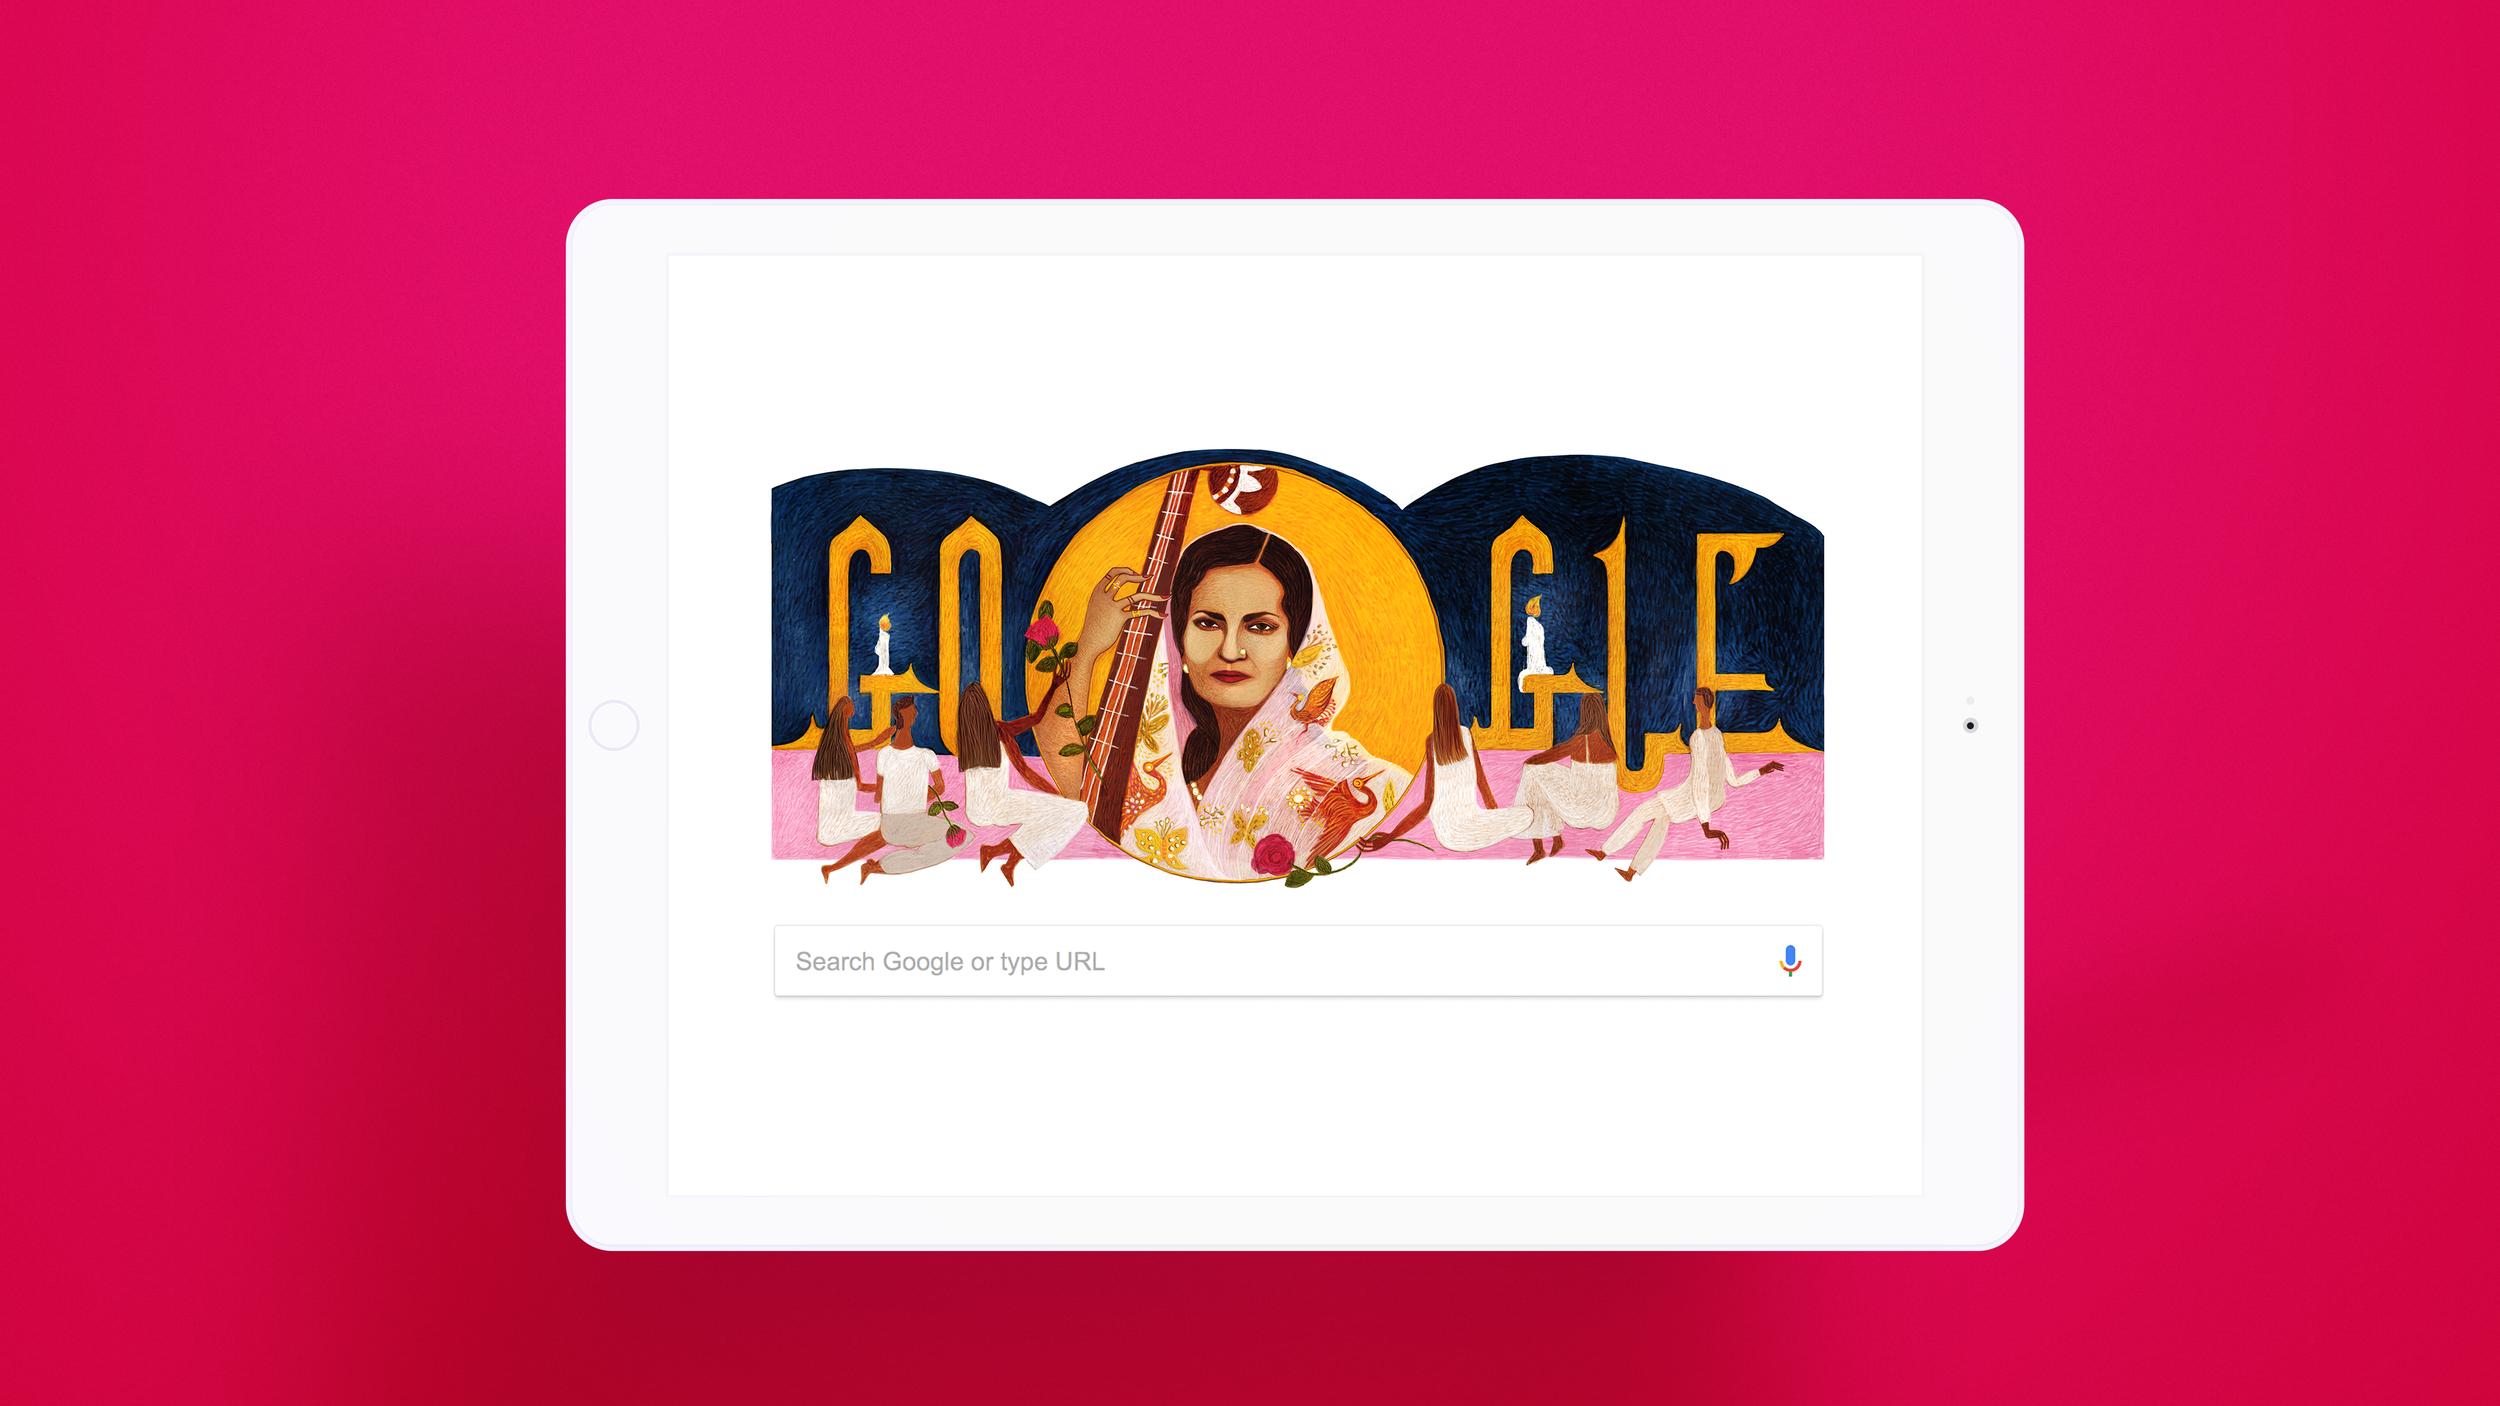 Google-Doodle-Begum-Akhtar-2017.png